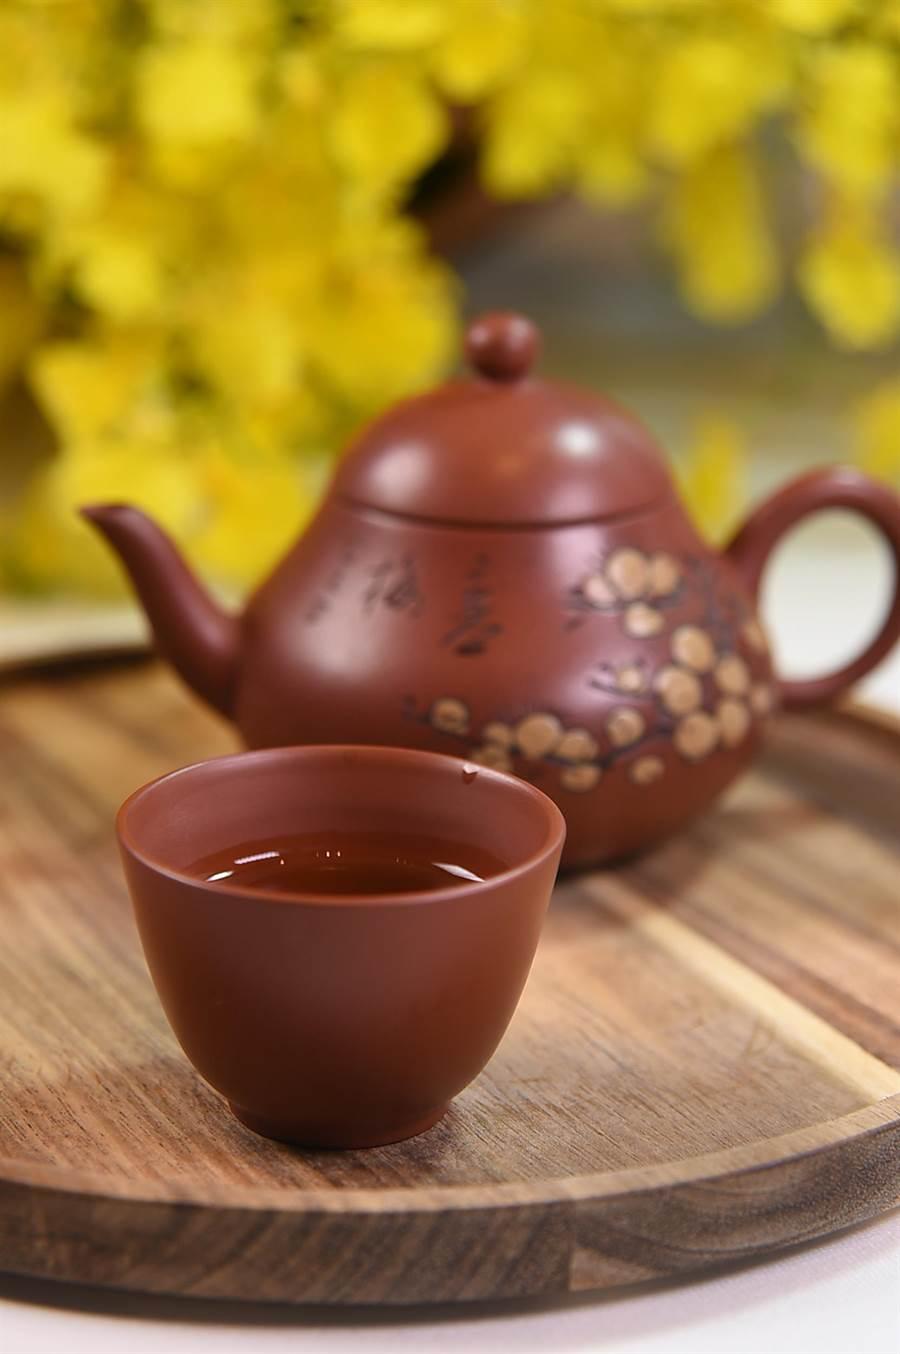 〈SHINPUYUAN新葡苑四十六〉不只有恆溫酒庫,讓客人以紅白葡萄酒佐餐,亦有TeaParingMenu讓客人以不同的茶佐餐,圖為苗栗東方美人茶。(圖/姚舜)